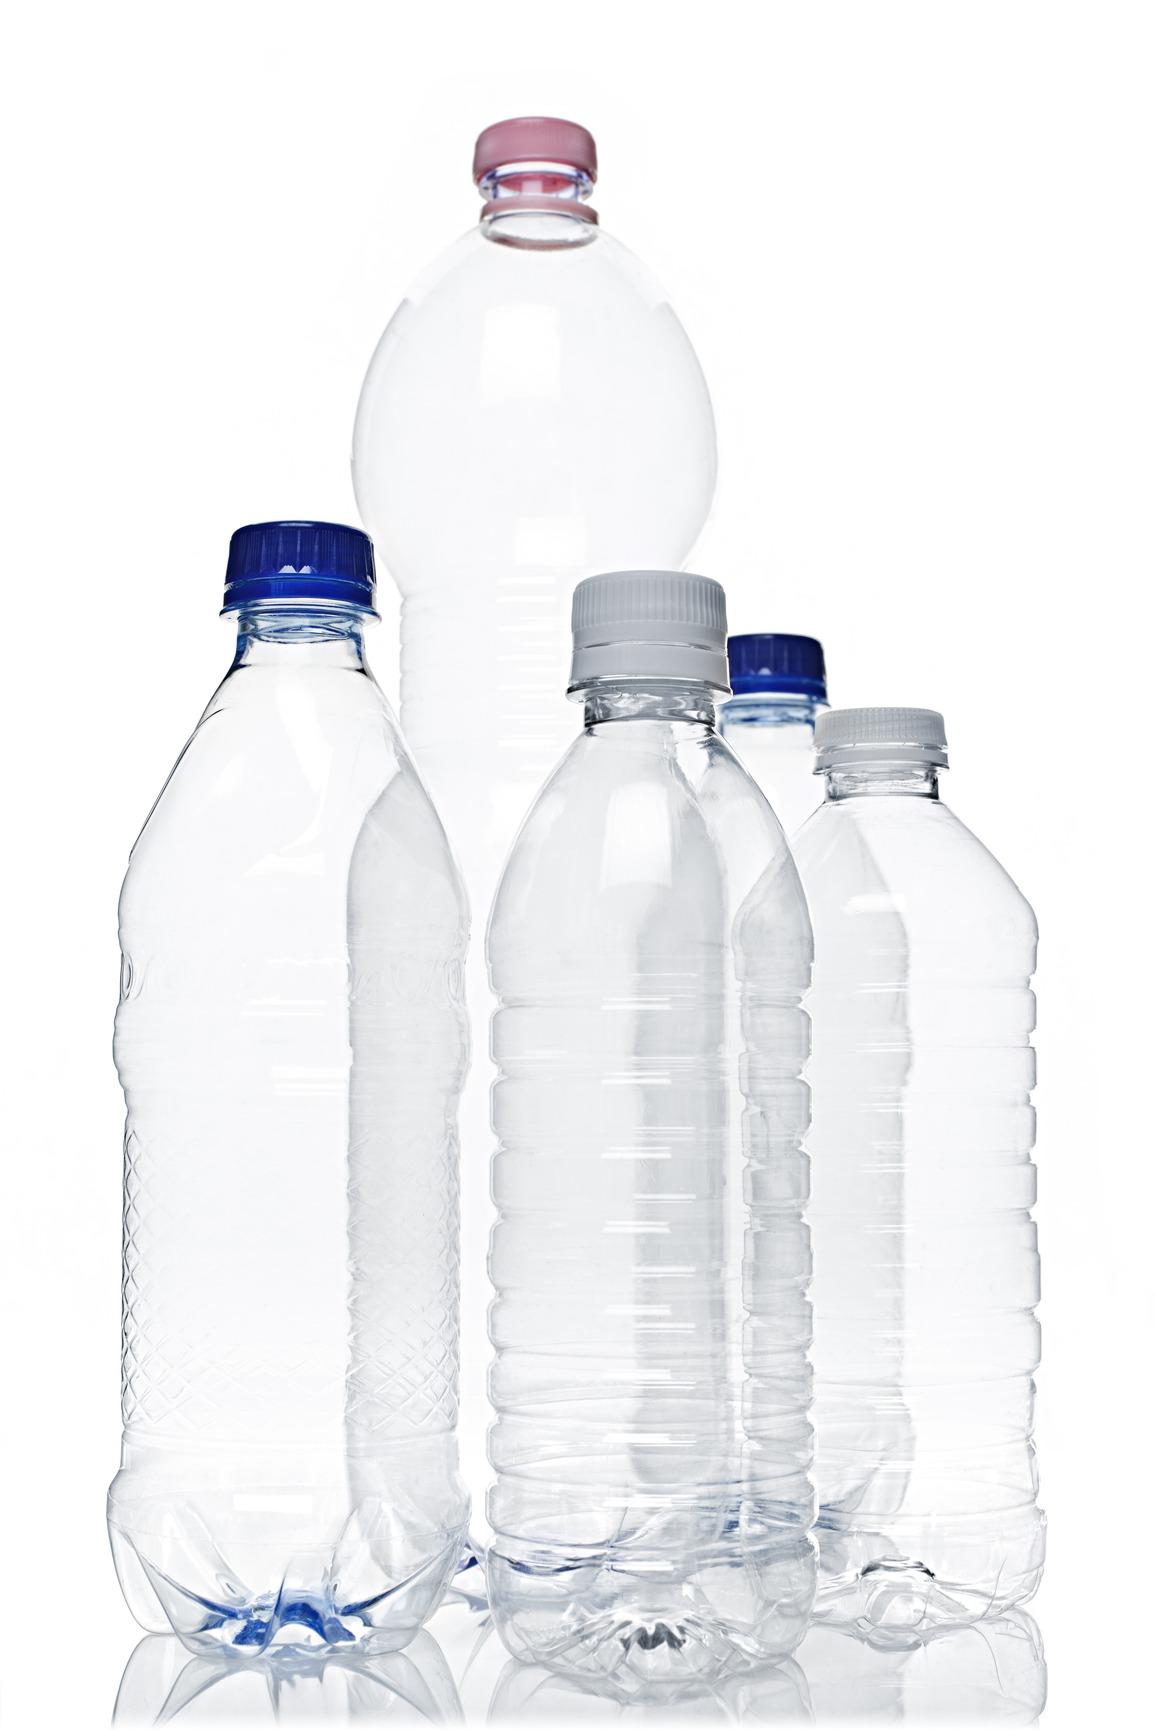 Plastic Bottles PNG Transparent Plastic Bottles.PNG Images..